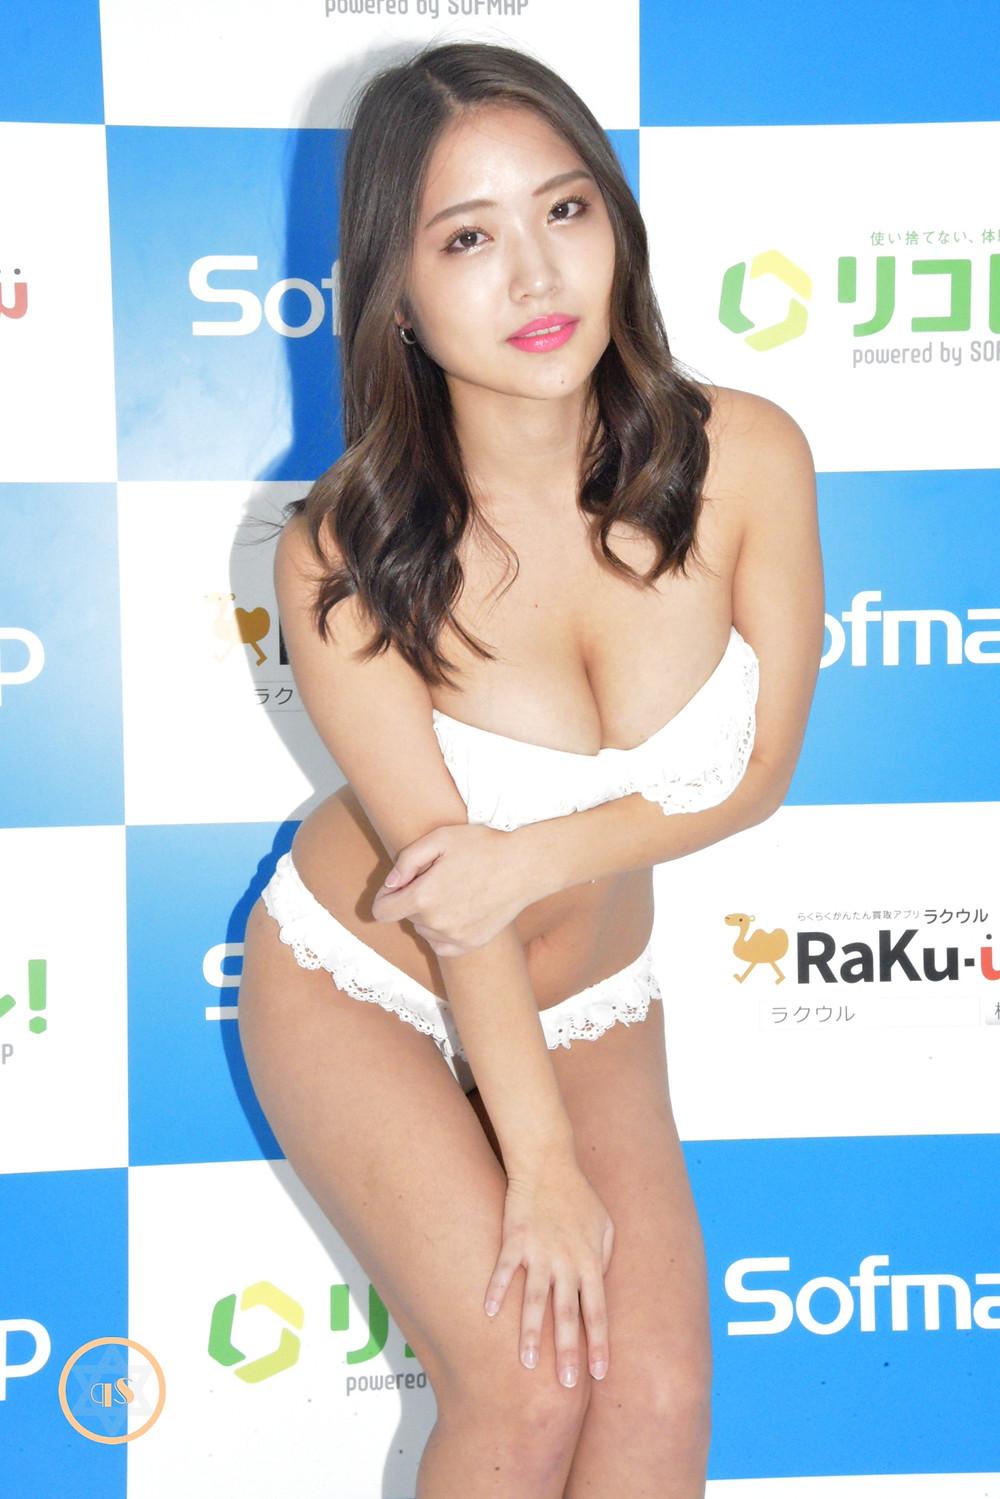 巨乳グラビアアイドル水咲優美 (1)